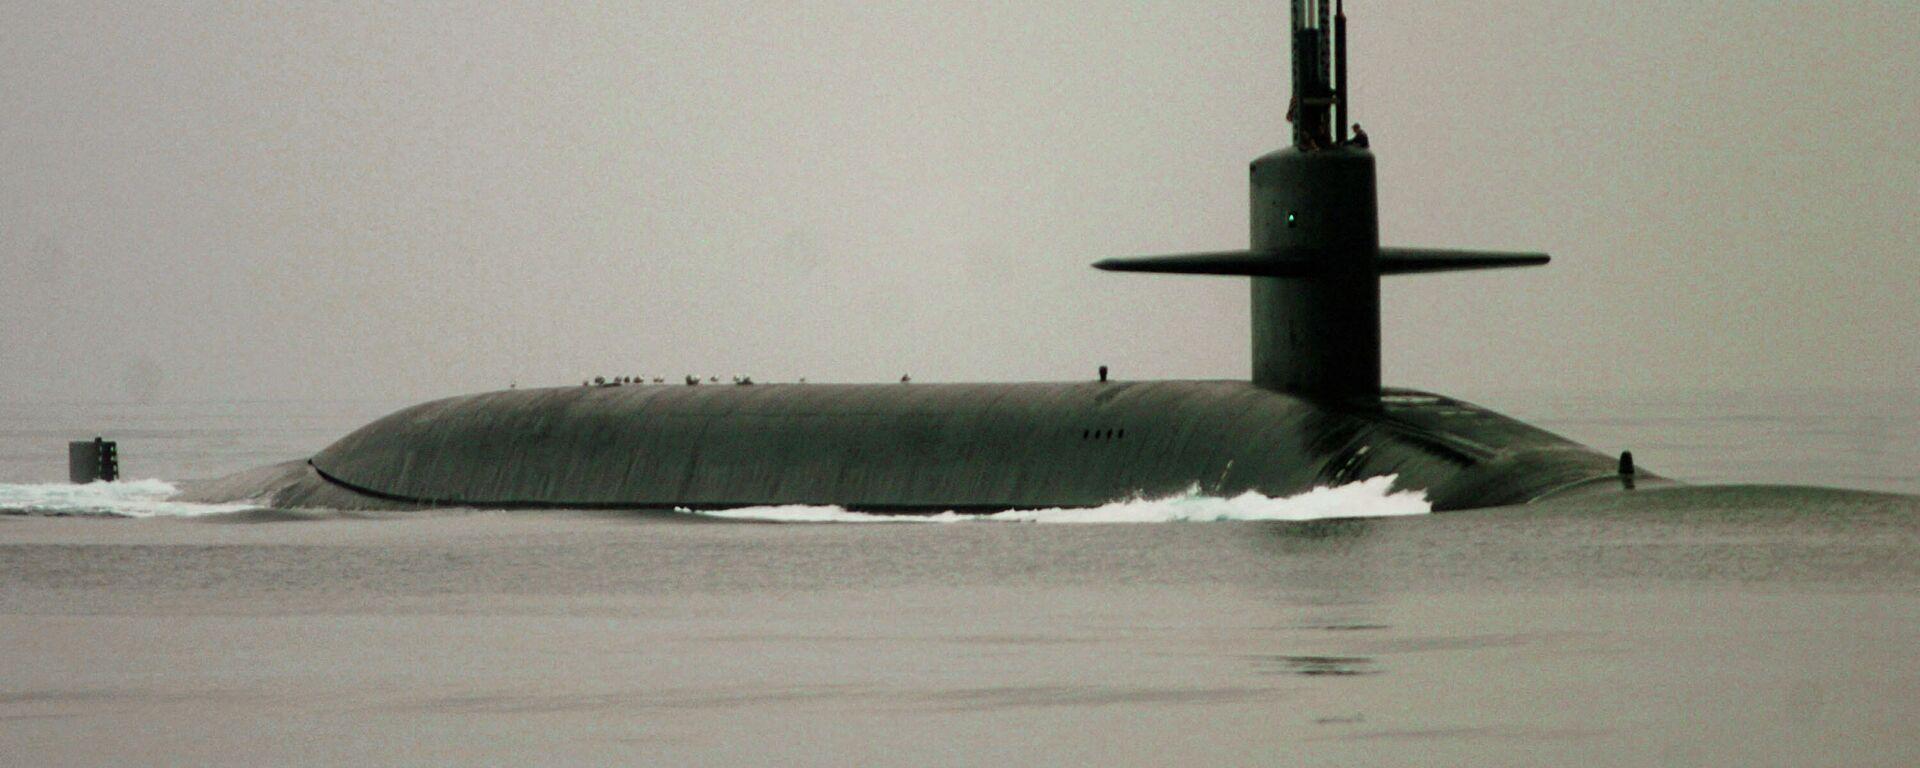 as Atom-U-Boot der Ohio-Klasse USS Georgia (SSGN 729) vor der Küste Südkaliforniens, 7. Oktober 2004. - SNA, 1920, 26.09.2021